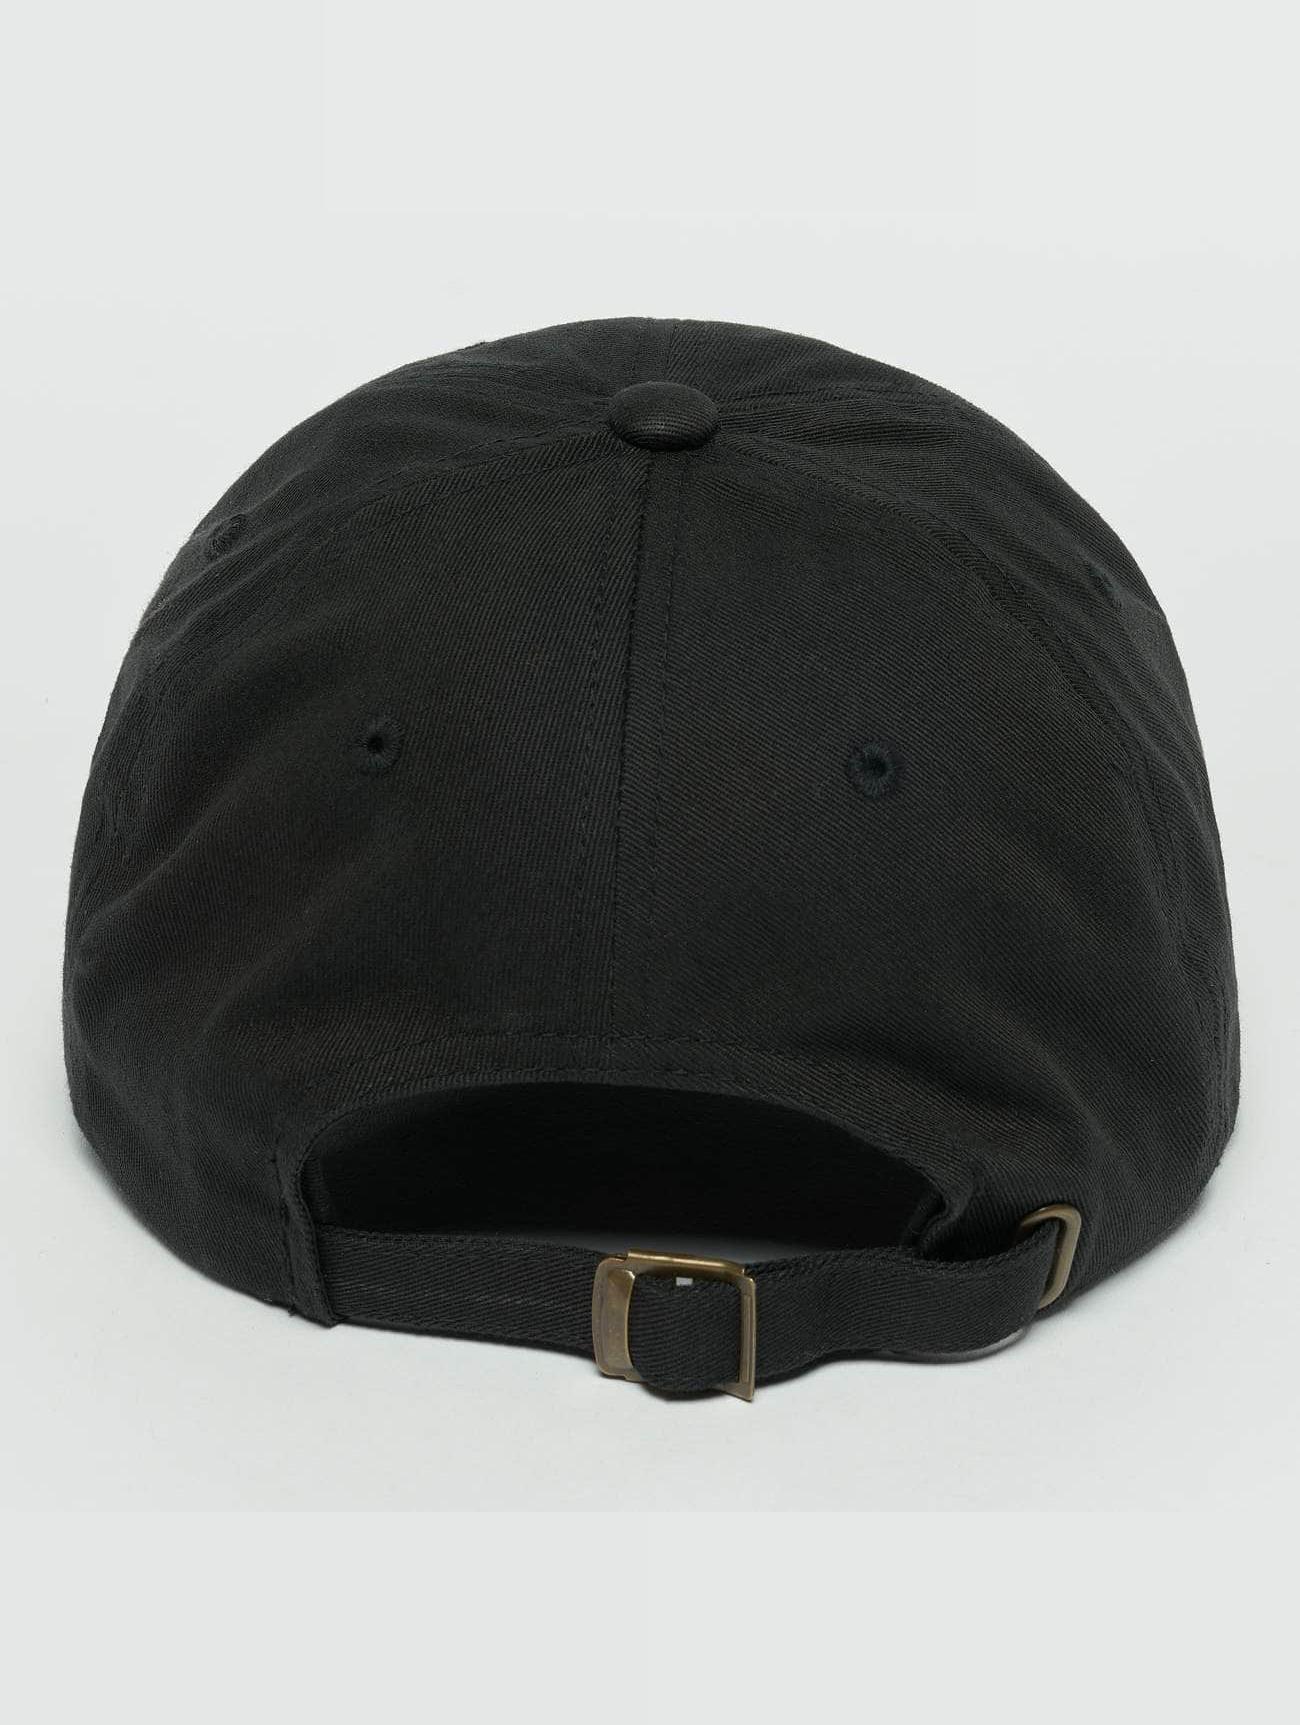 TurnUP  Rich  noir  Casquette Snapback & Strapback  522276 Homme Casquettes